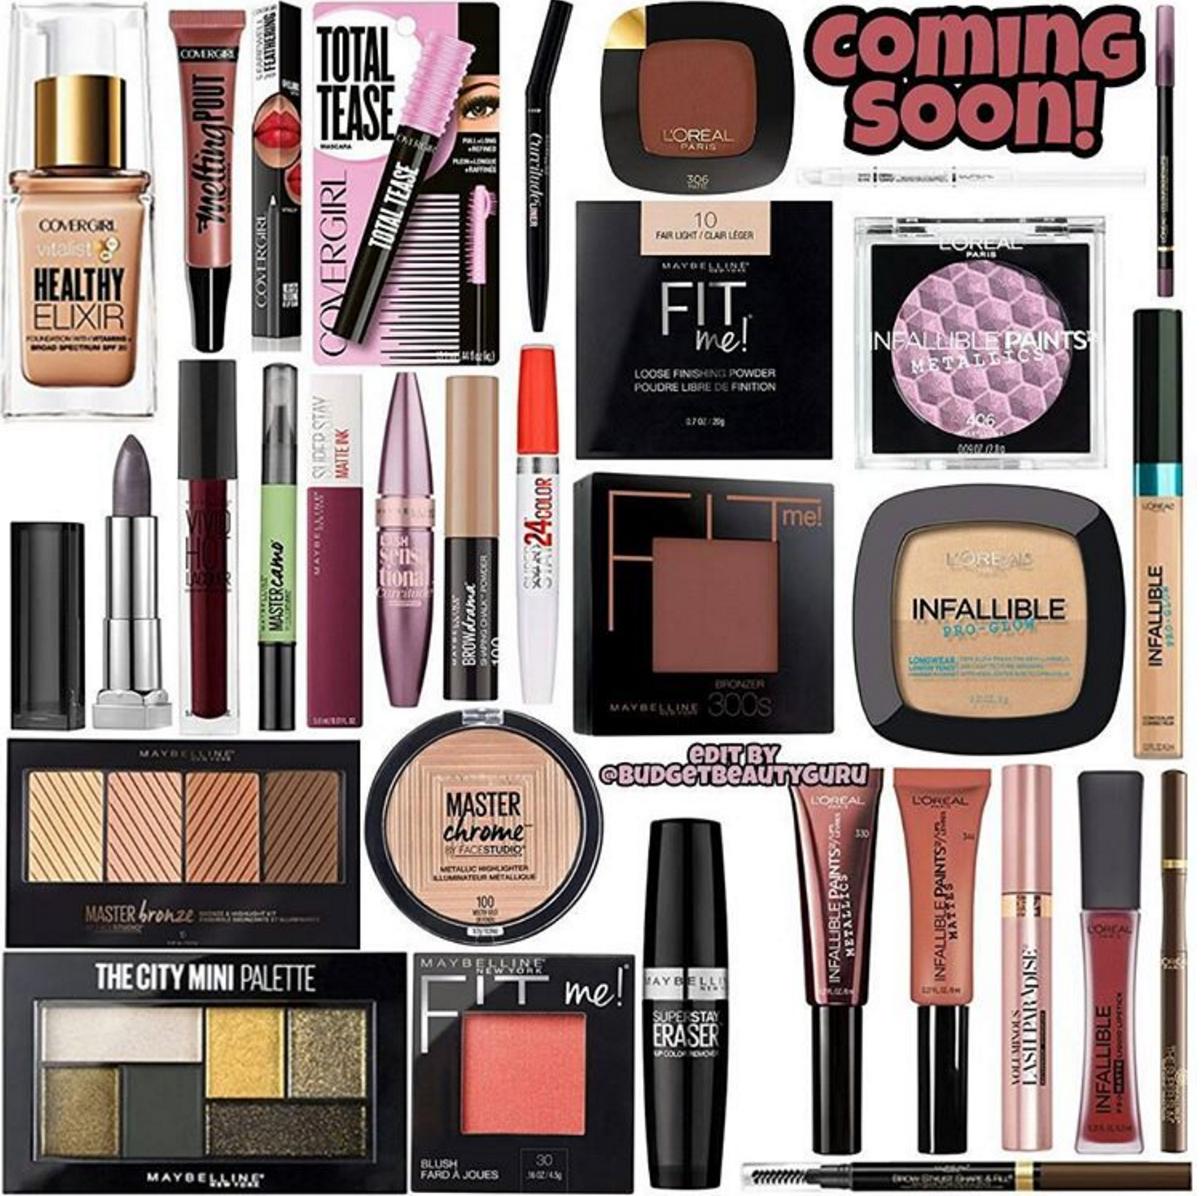 New Drugstore Makeup For Summer 2017 Drugstore Makeup Best Drugstore Makeup Beauty Products Drugstore